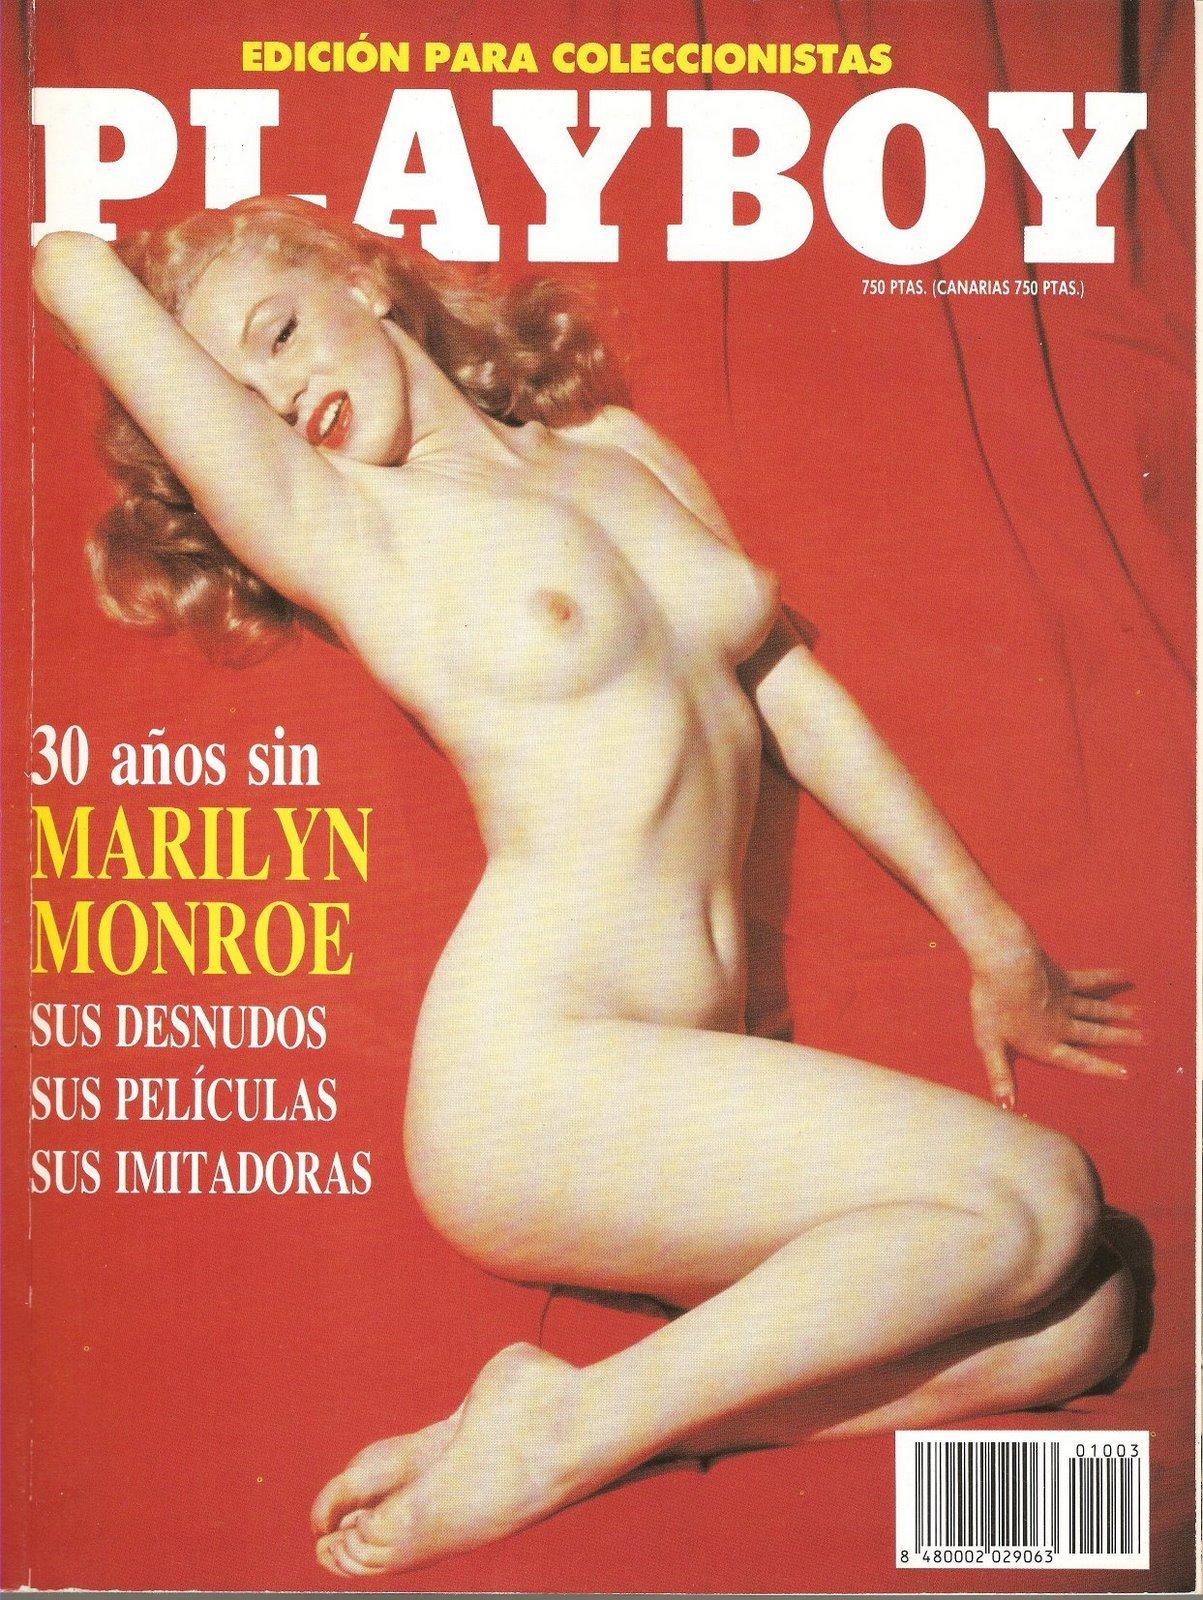 http://4.bp.blogspot.com/-1nMVRd0R6Po/TuJm_vT98XI/AAAAAAAAD-E/460Dhs-4-_I/s1600/marilyn+playboy.jpg